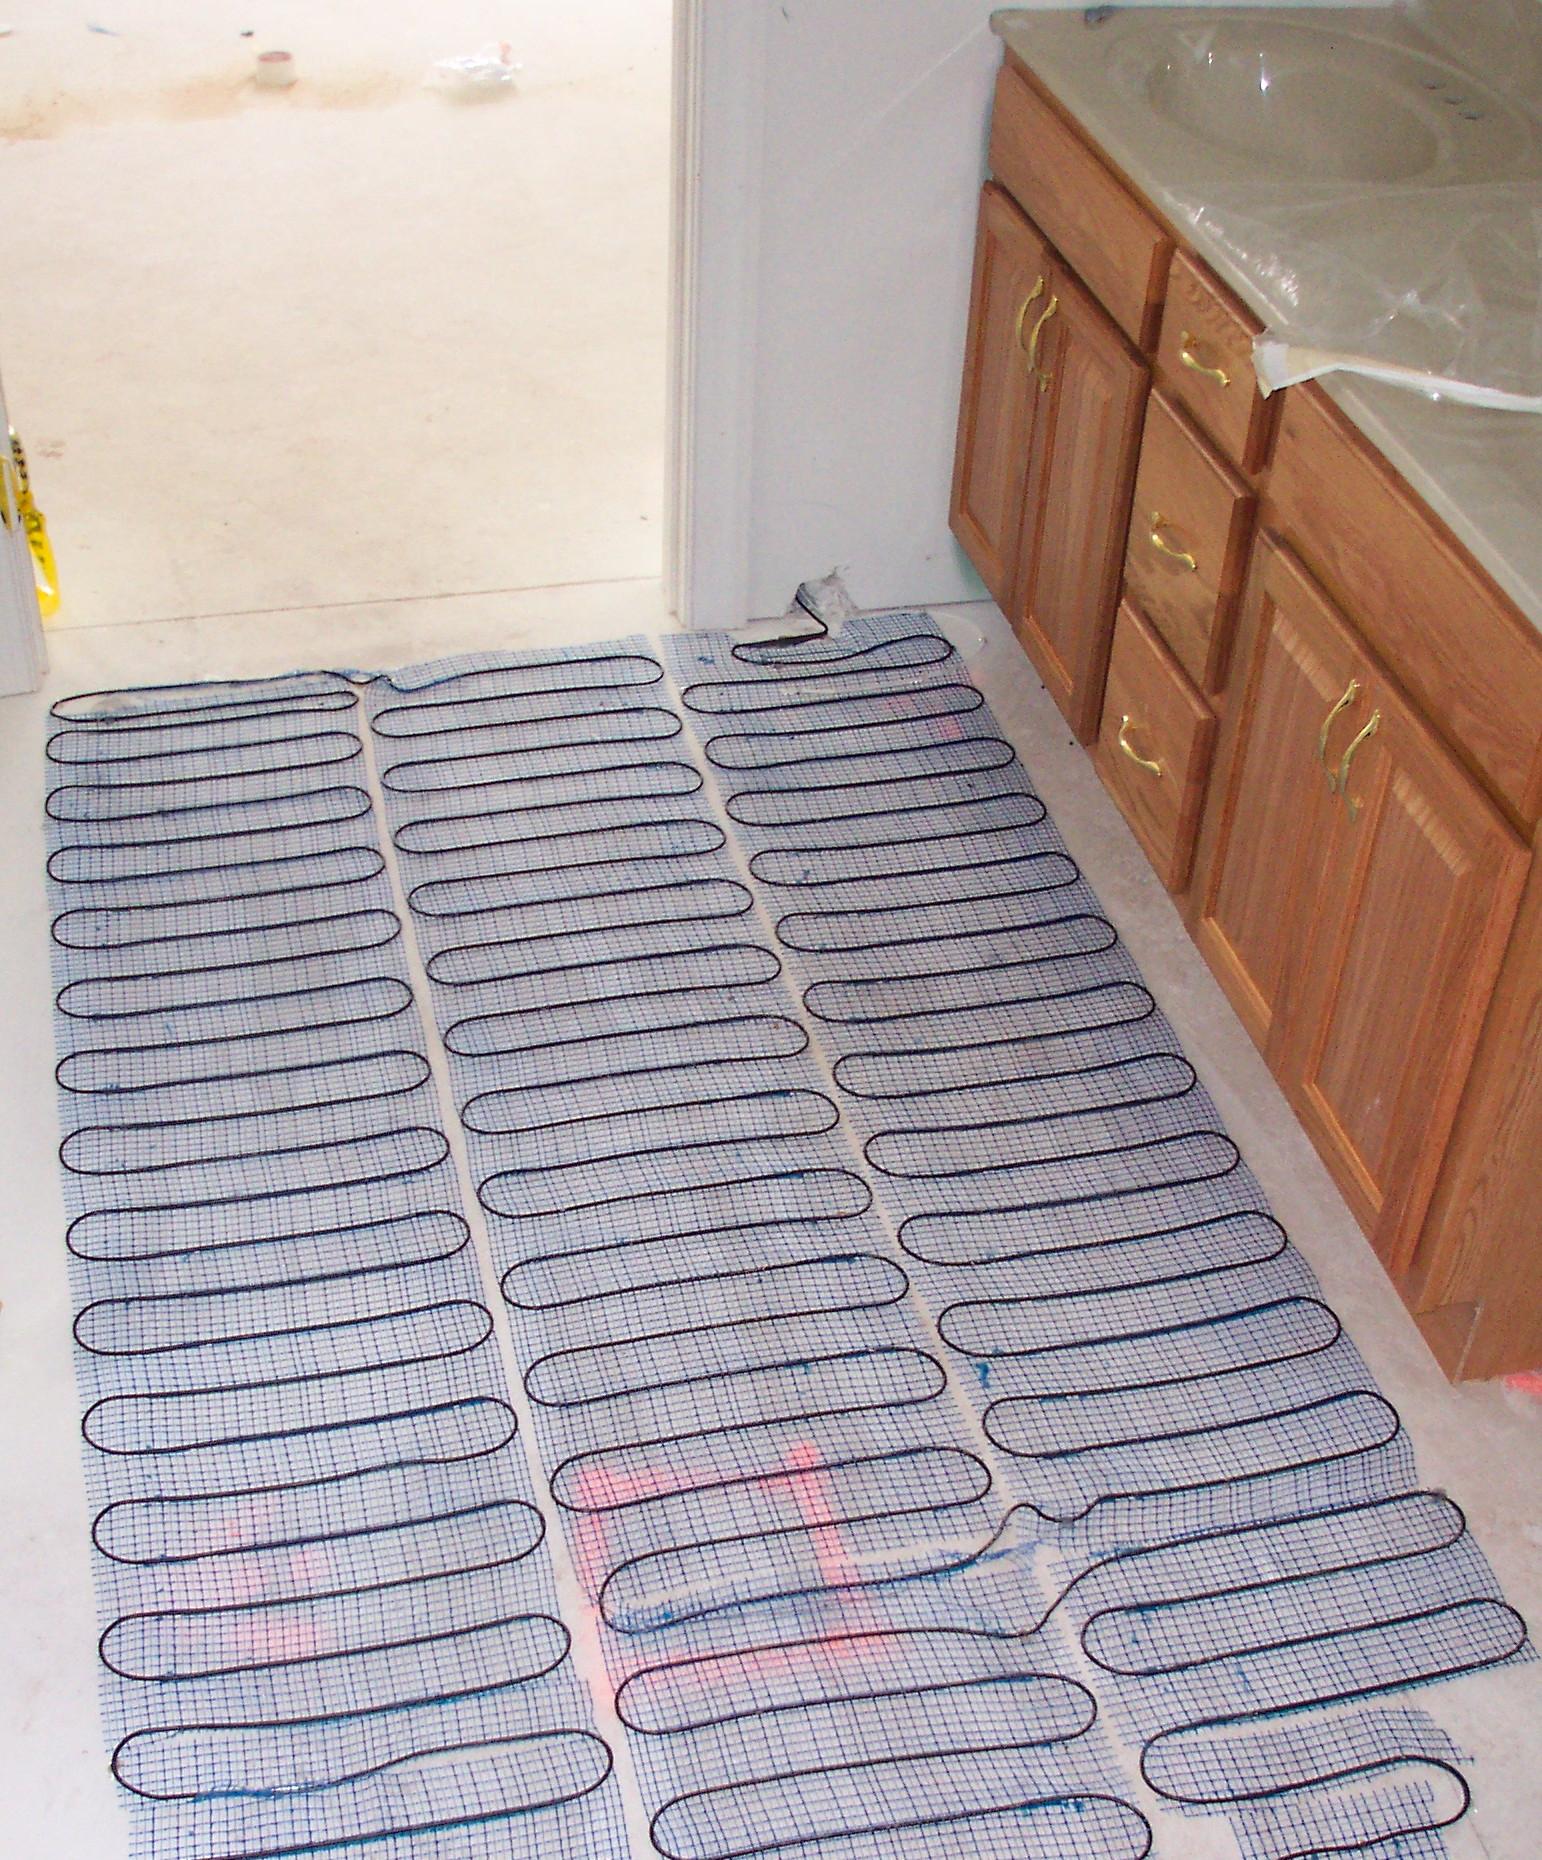 Heated Bathroom Floor Cost Gurus Floor